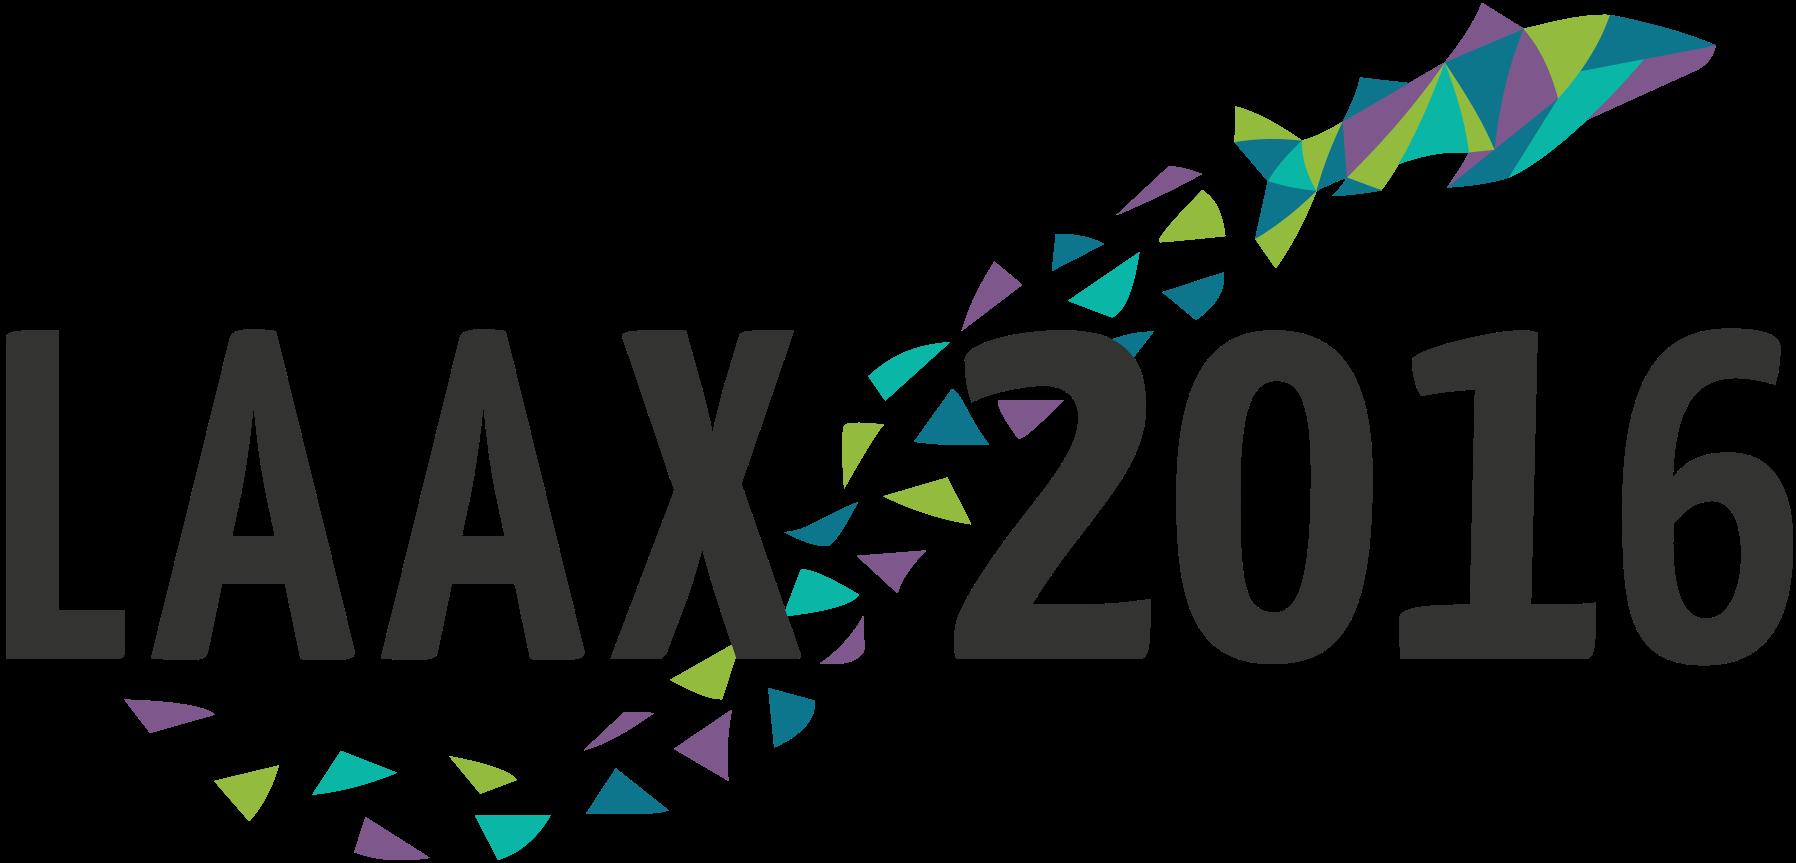 IS Laax 2016